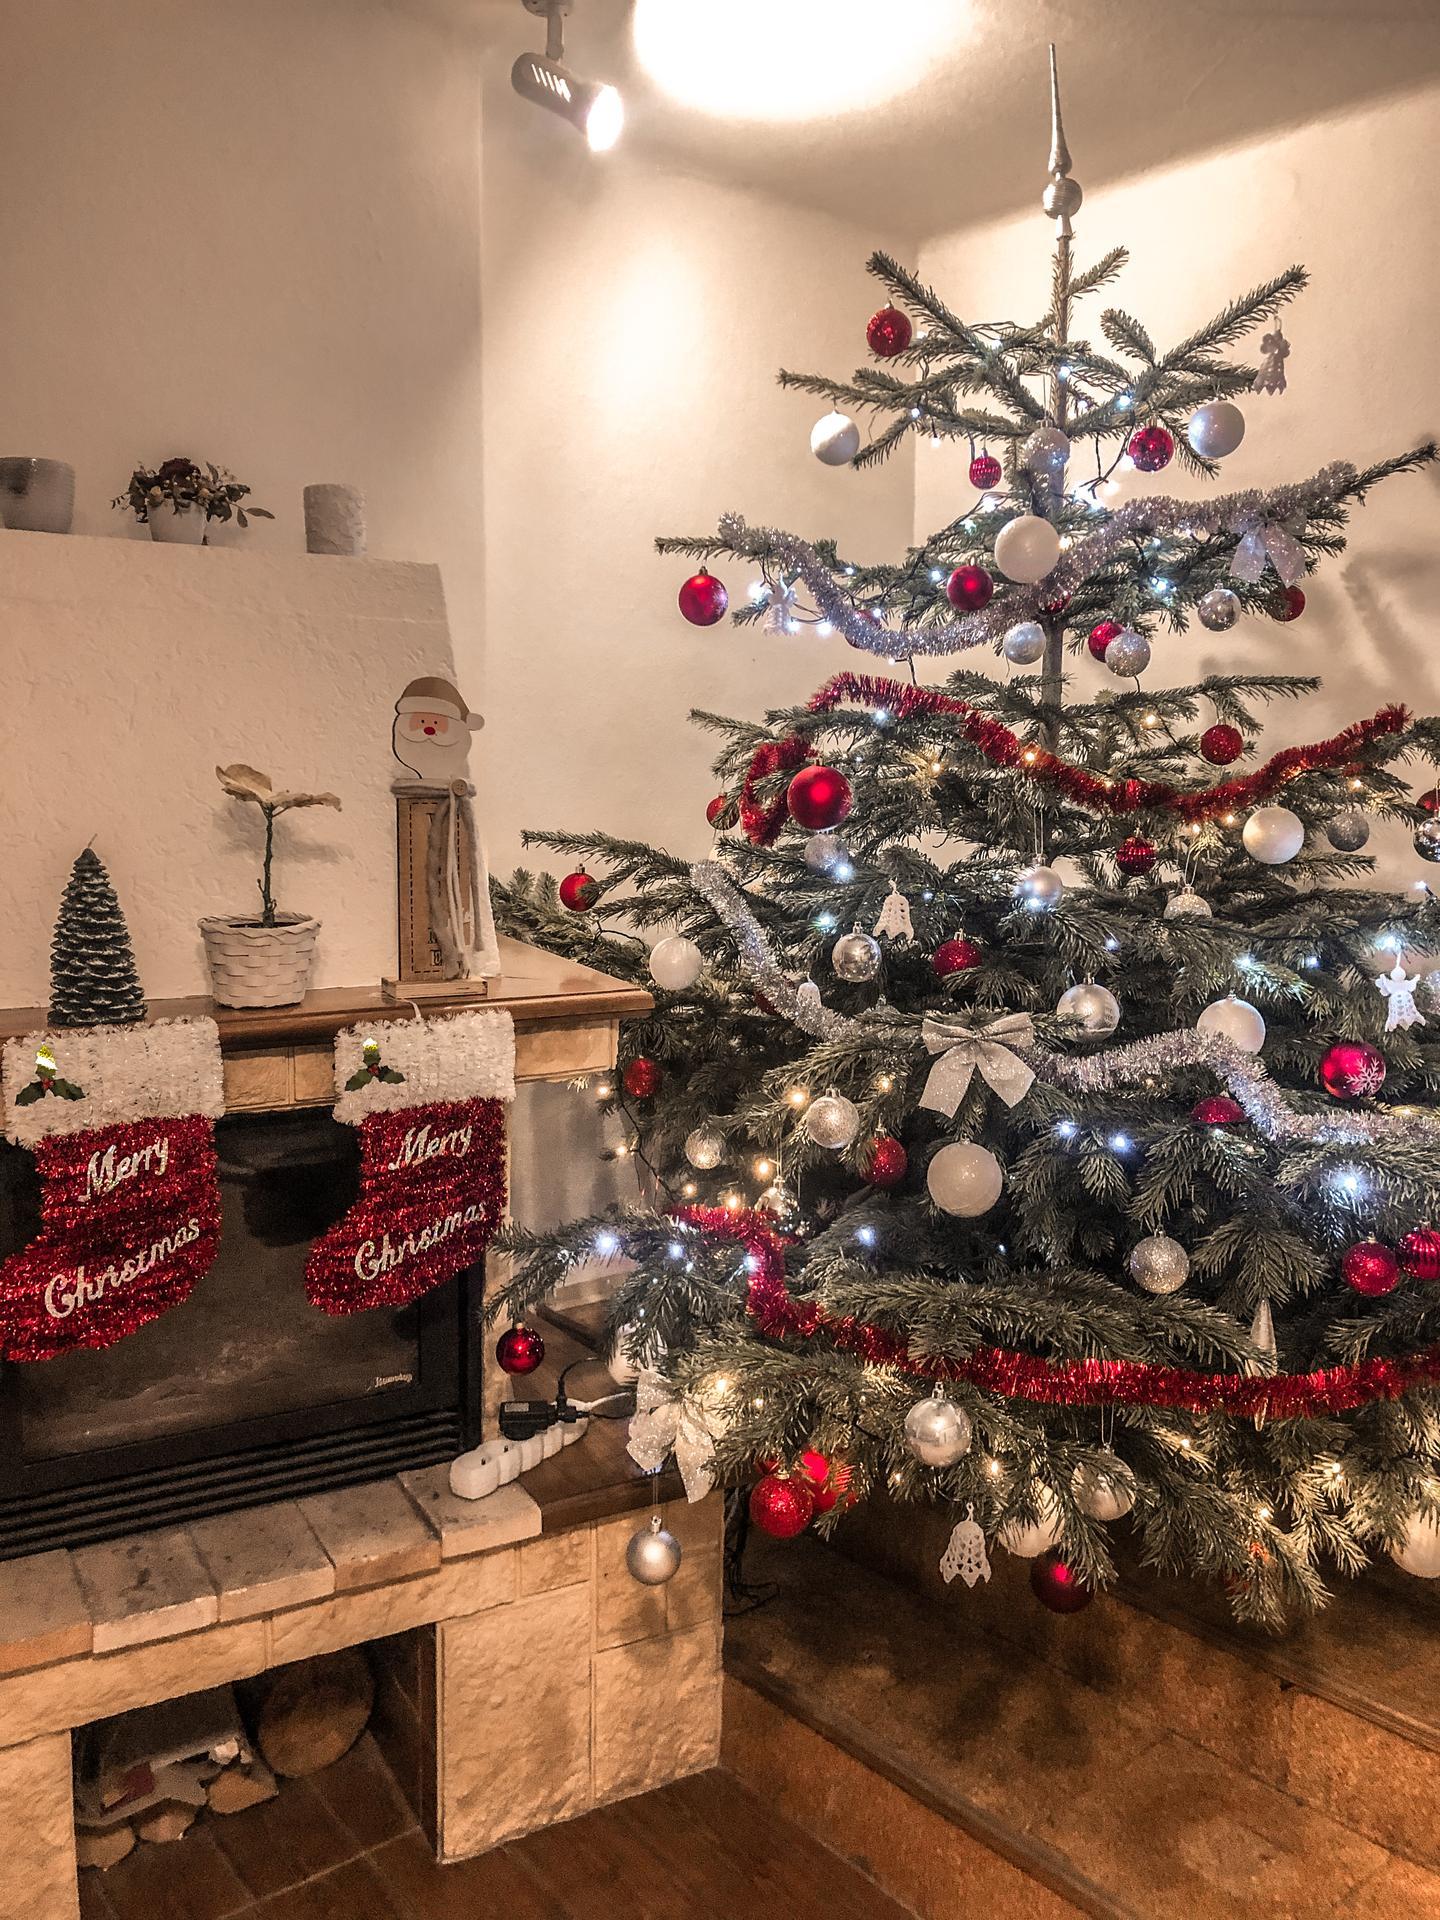 Je to ostuda, ale teprv dnes jsme likvidovali Vánoční stromeček.  Letos jsem se těch Vánoc neuměla vzdát 😅 - Obrázek č. 1